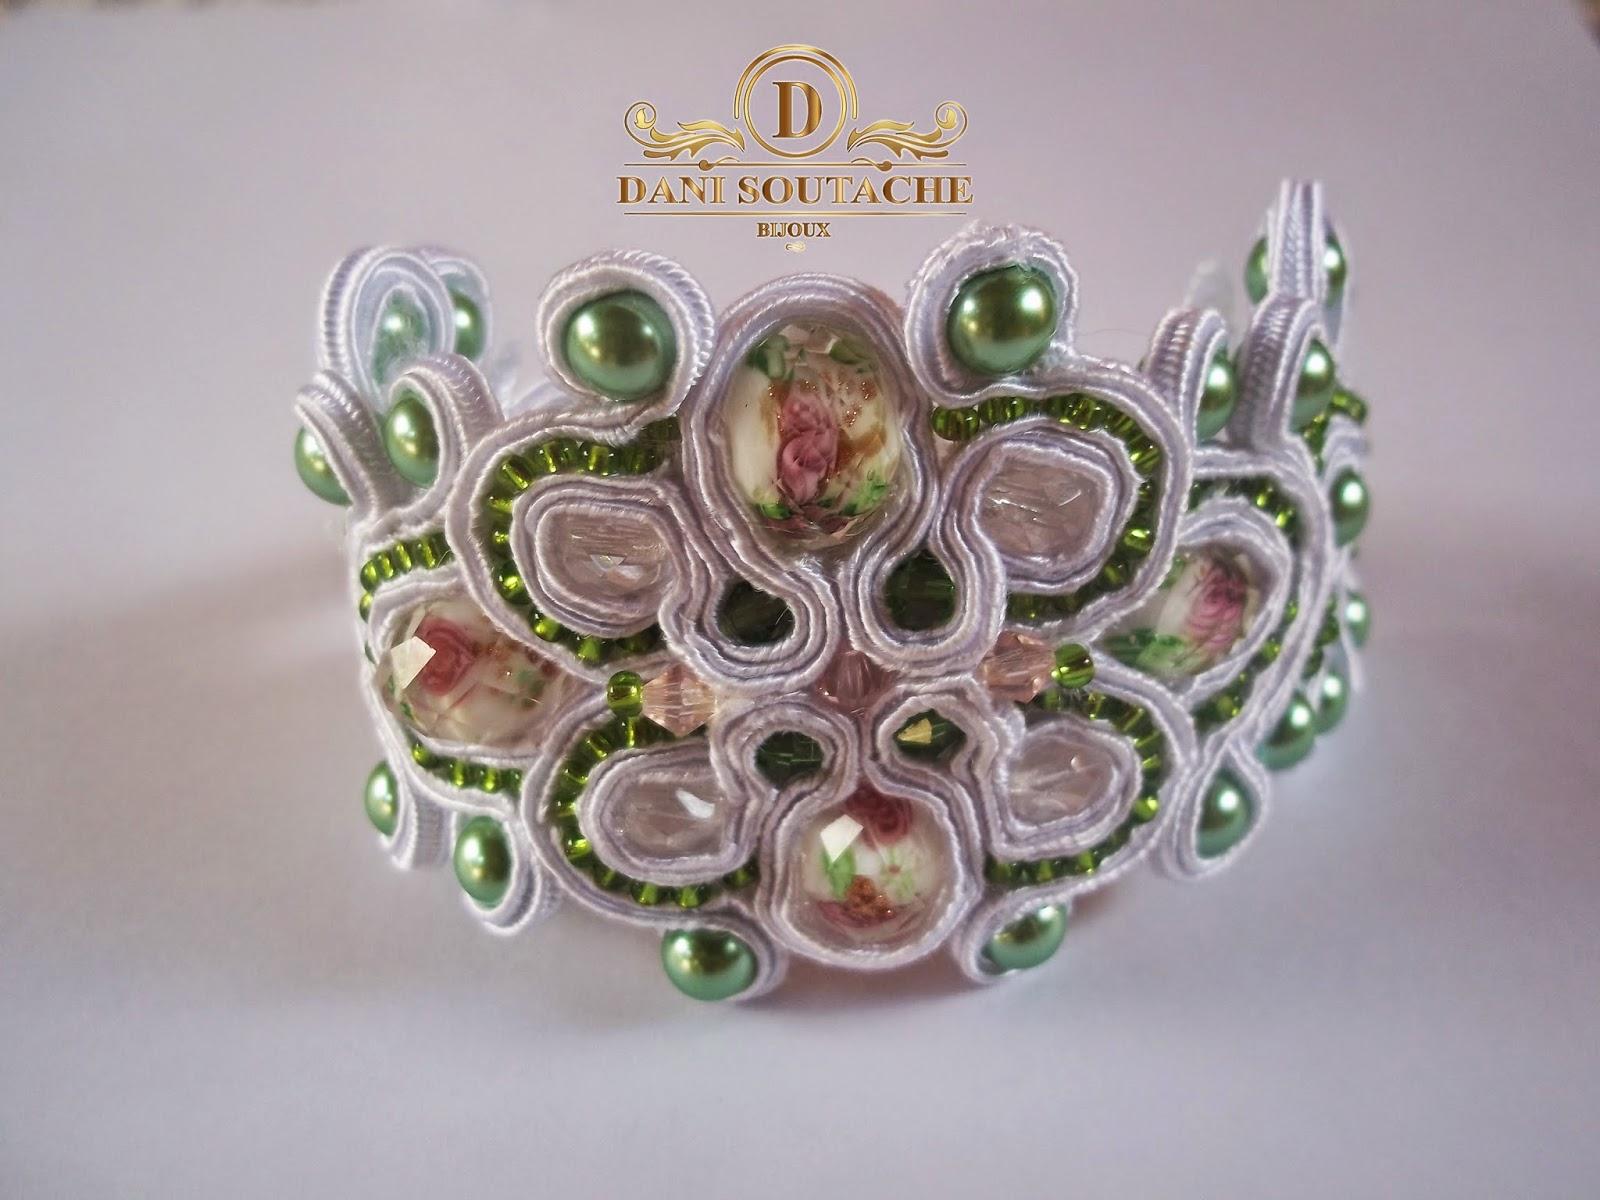 Pulseira em soutache branco e pérolas de vidro e miçangas jablonex verdes.